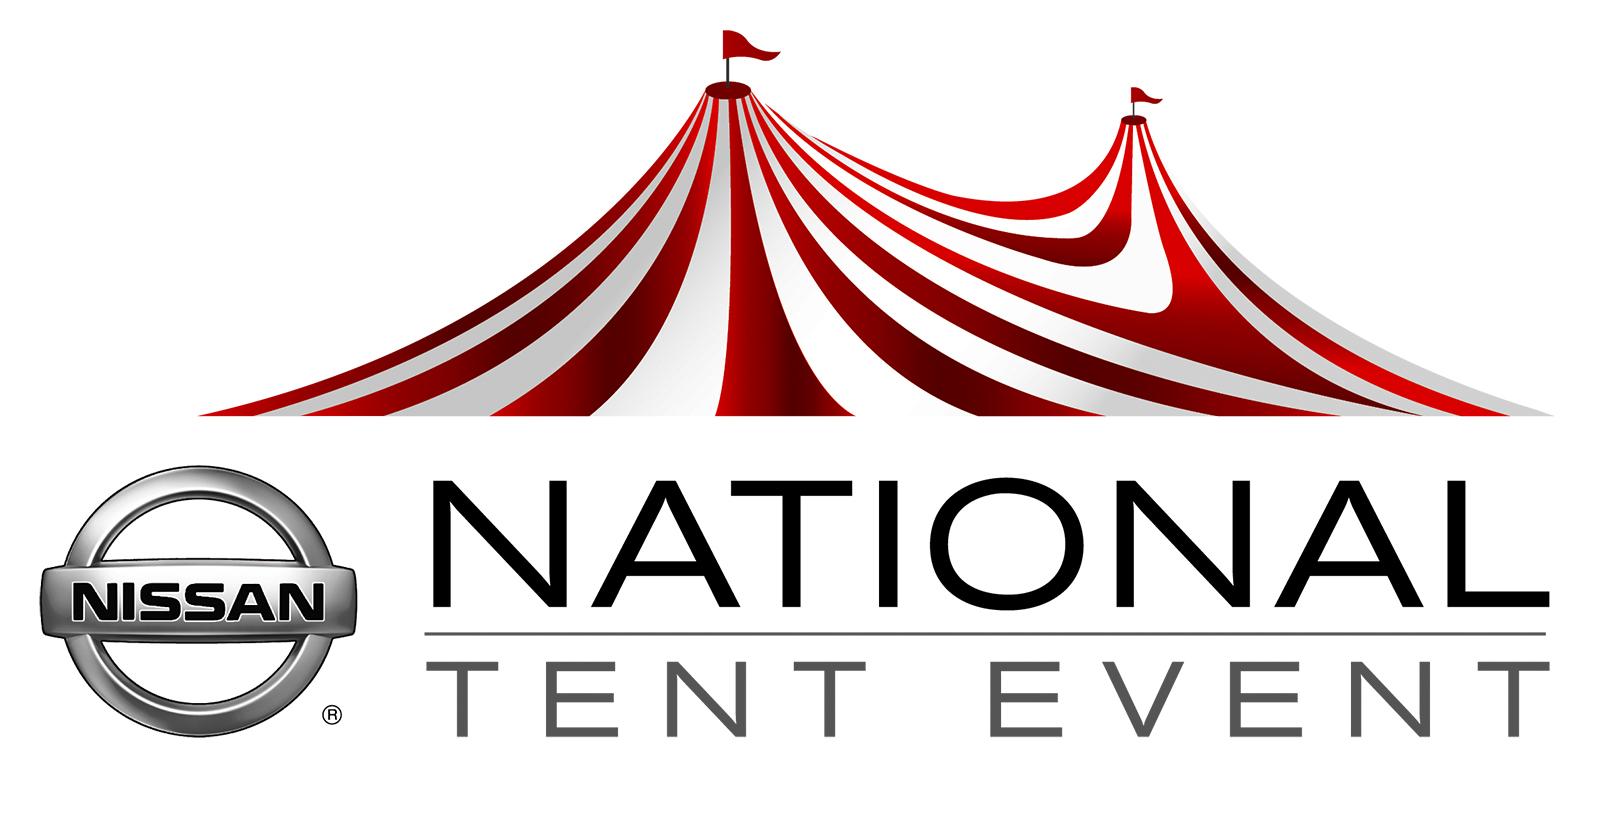 Tent Sale Clipart - Clipart Suggest